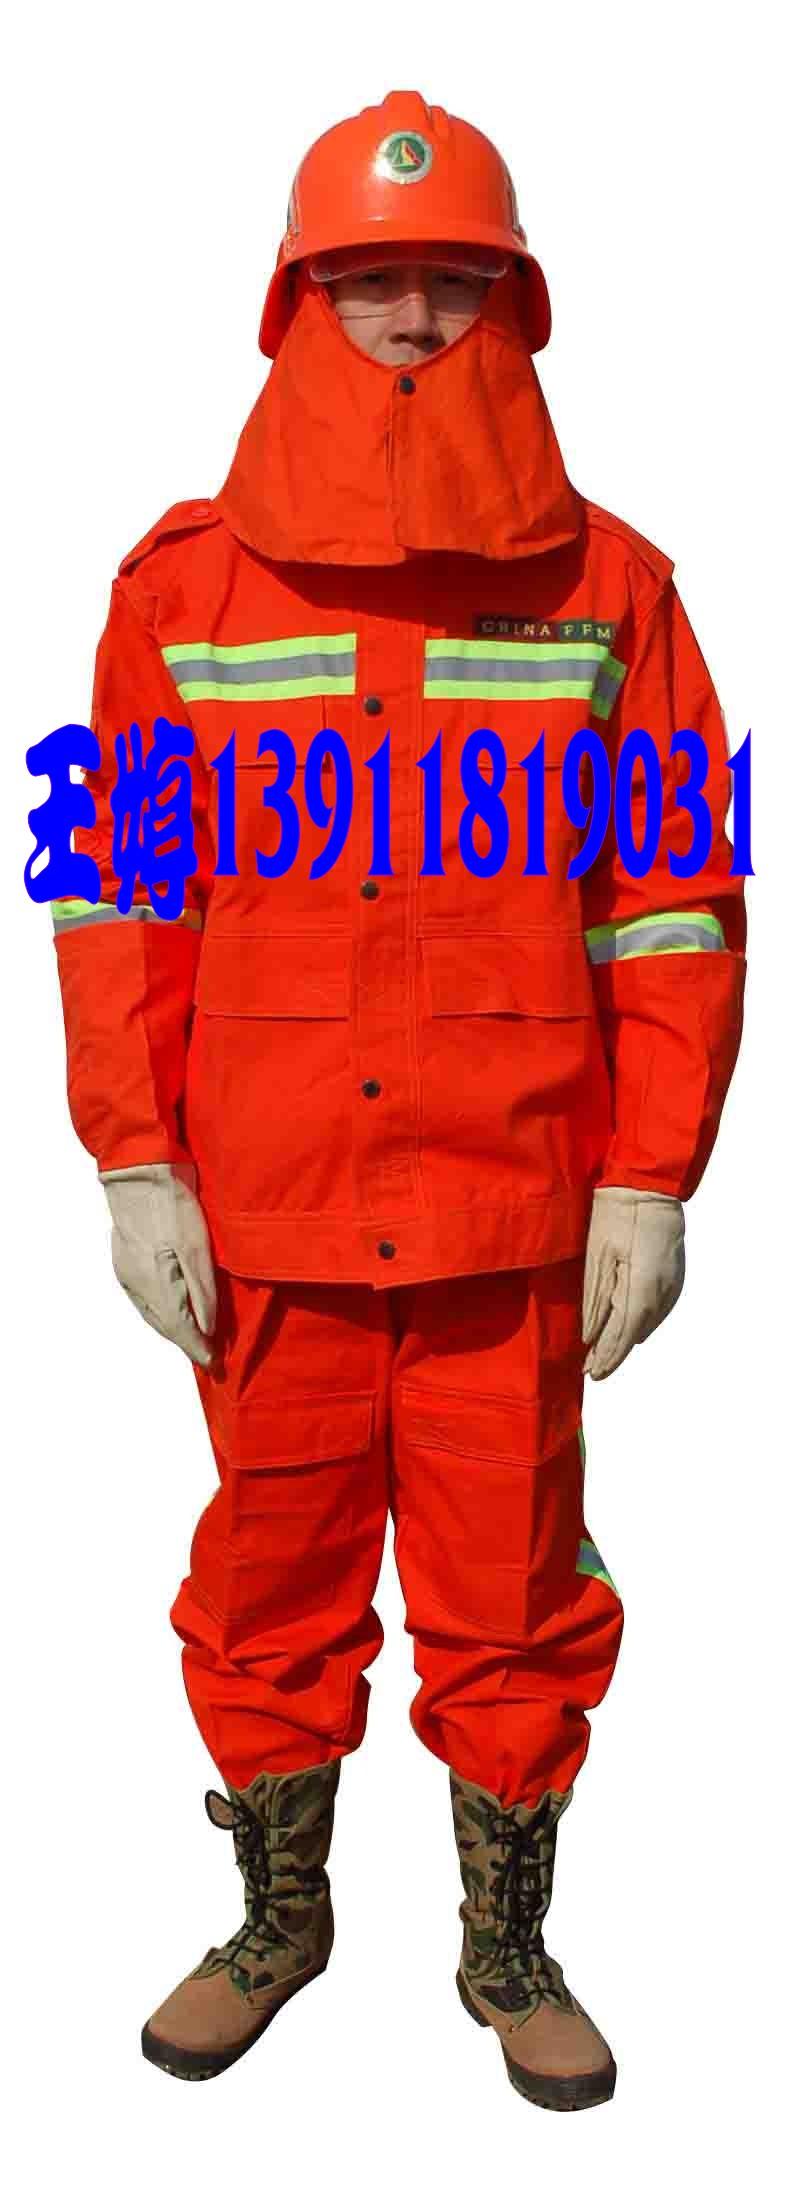 【森林防火服图片】【森林防火服价格】